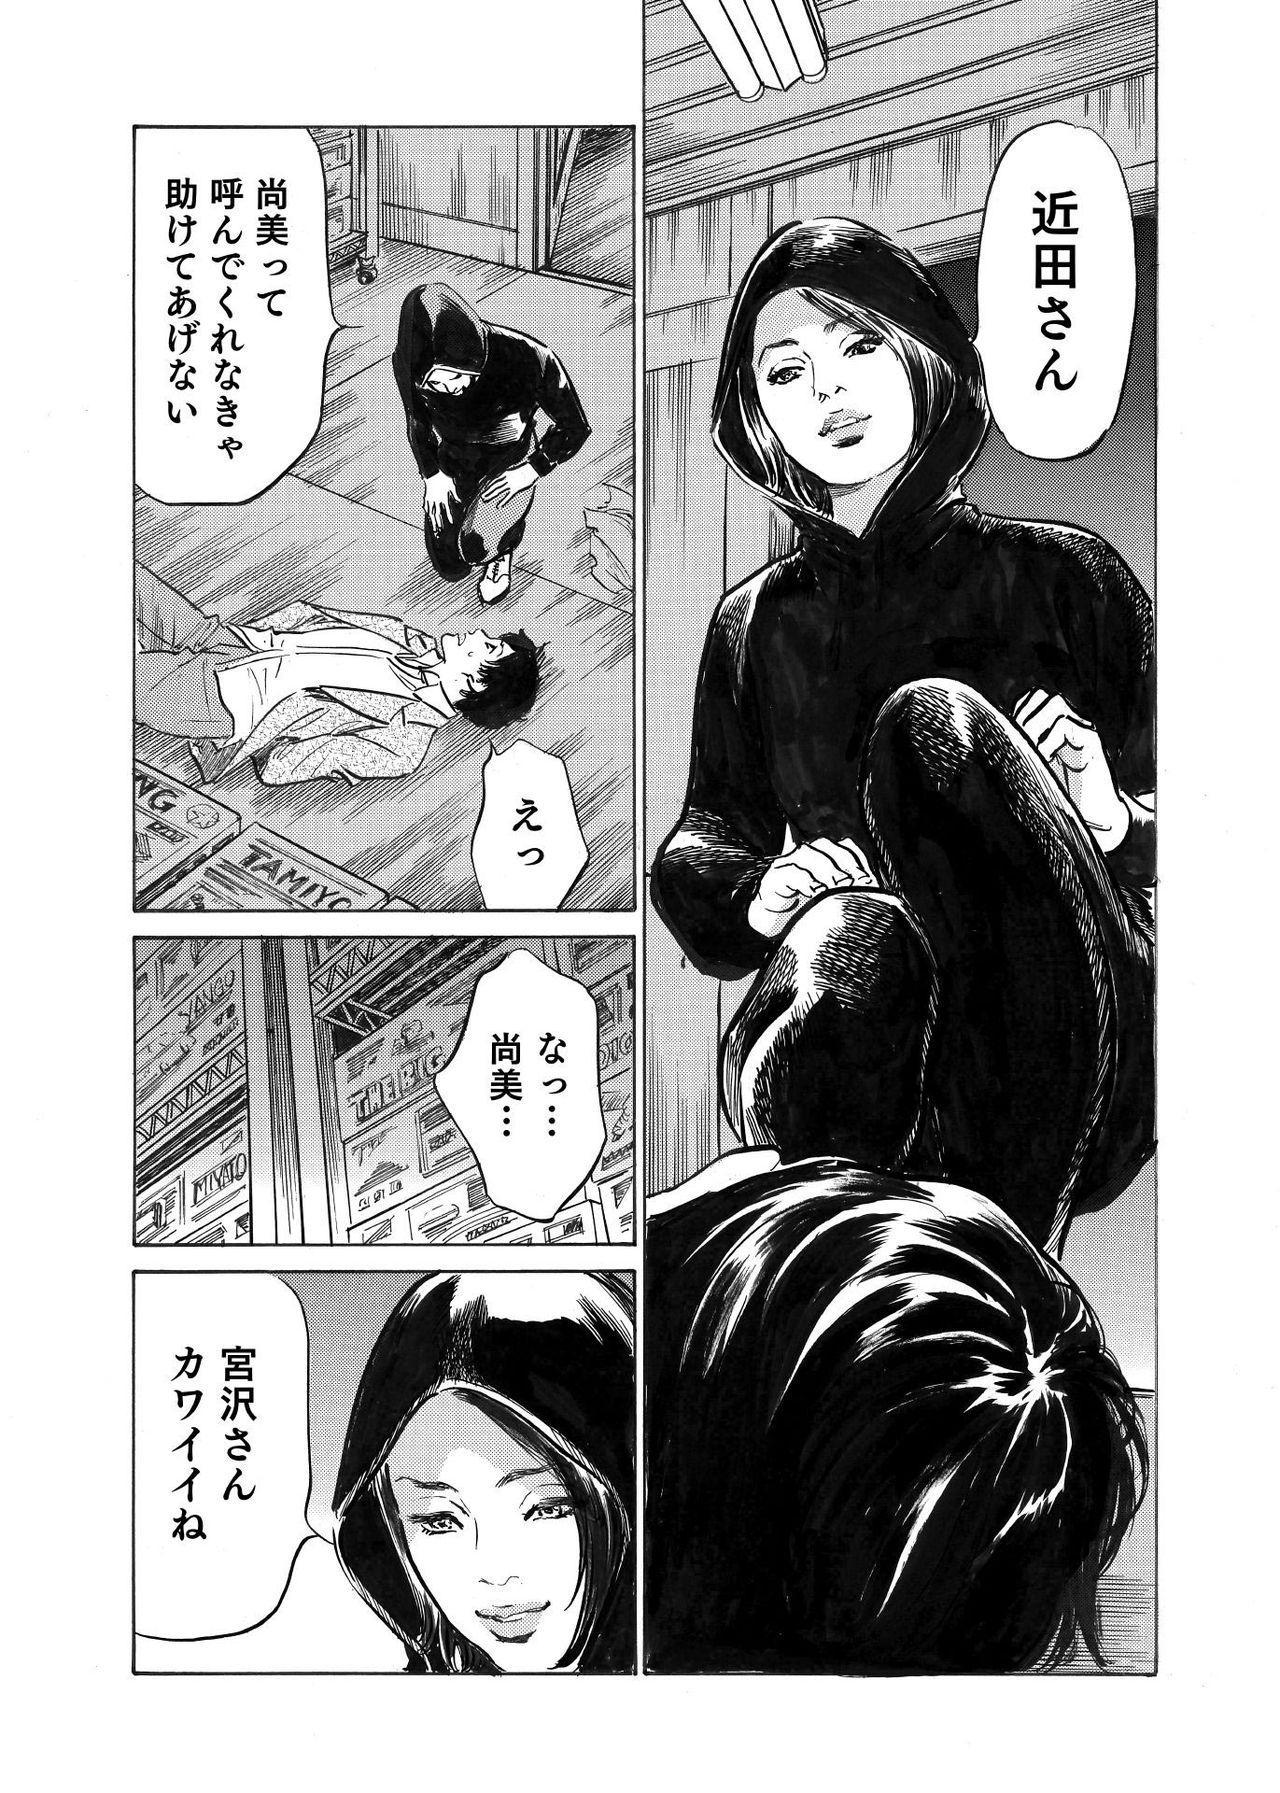 Ore wa Tsuma no Koto o Yoku Shiranai 1-9 58